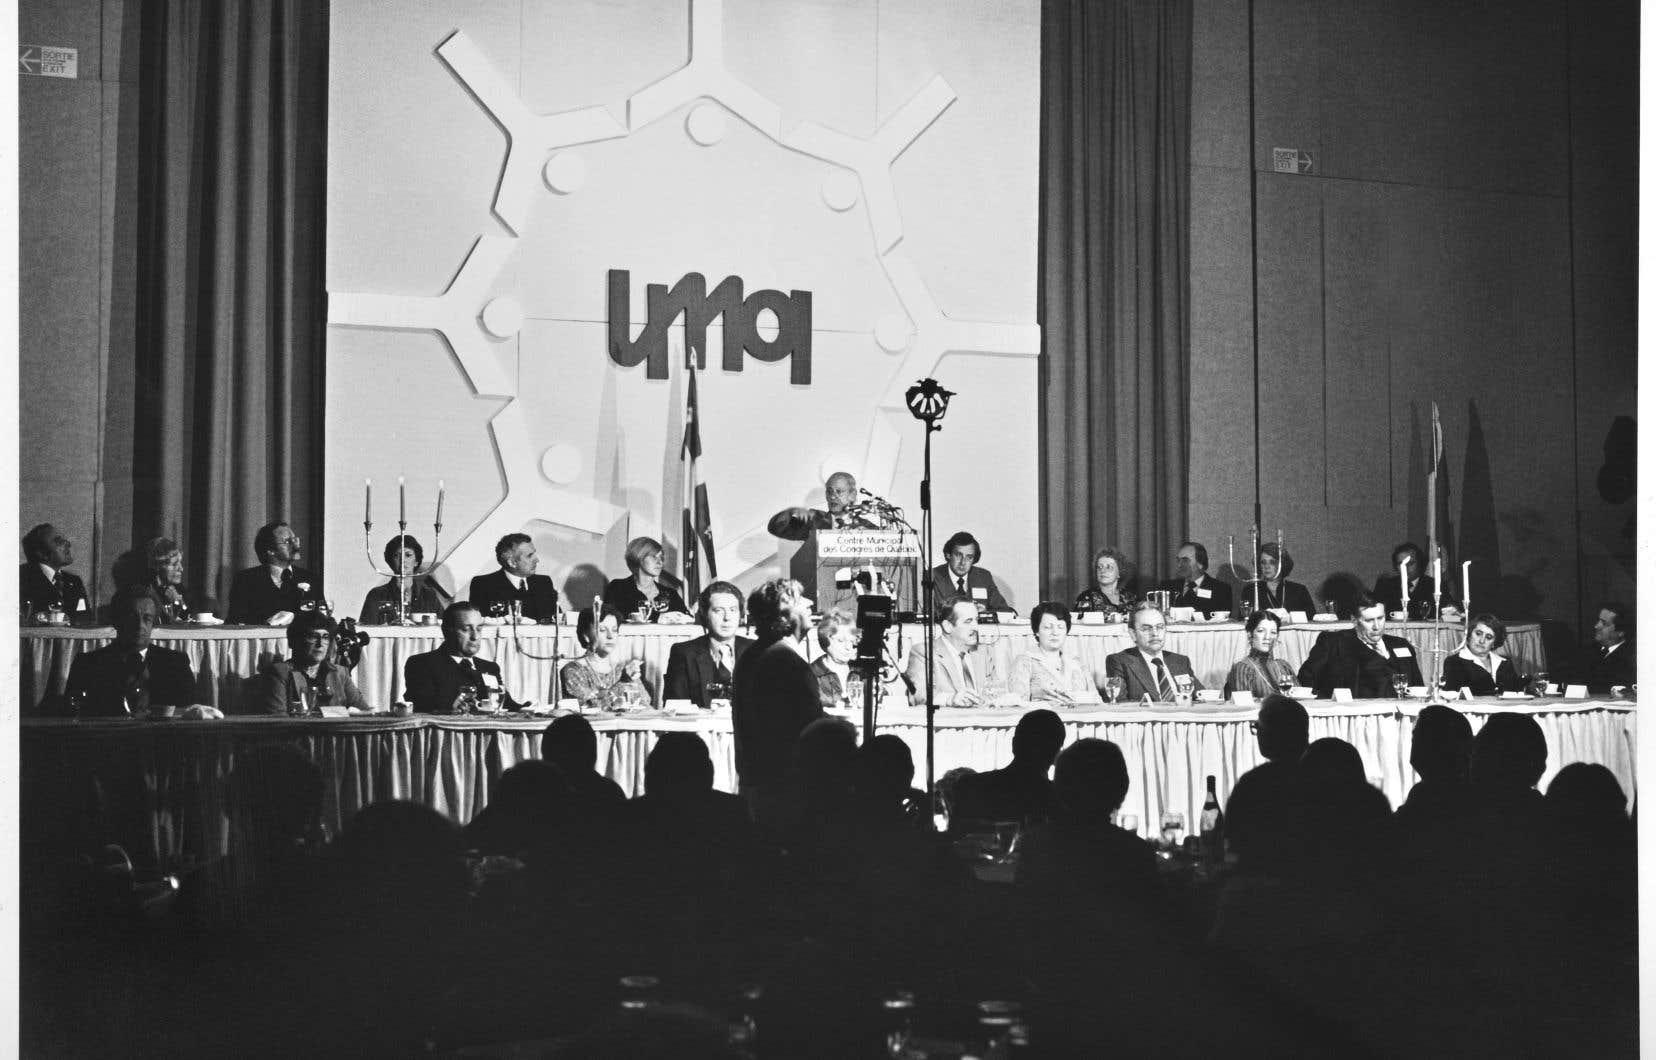 «En créant l'UMQ, les municipalités affirmaient leur désir de faire entendre leur voix au gouvernement»,dit Harold Bérubé.